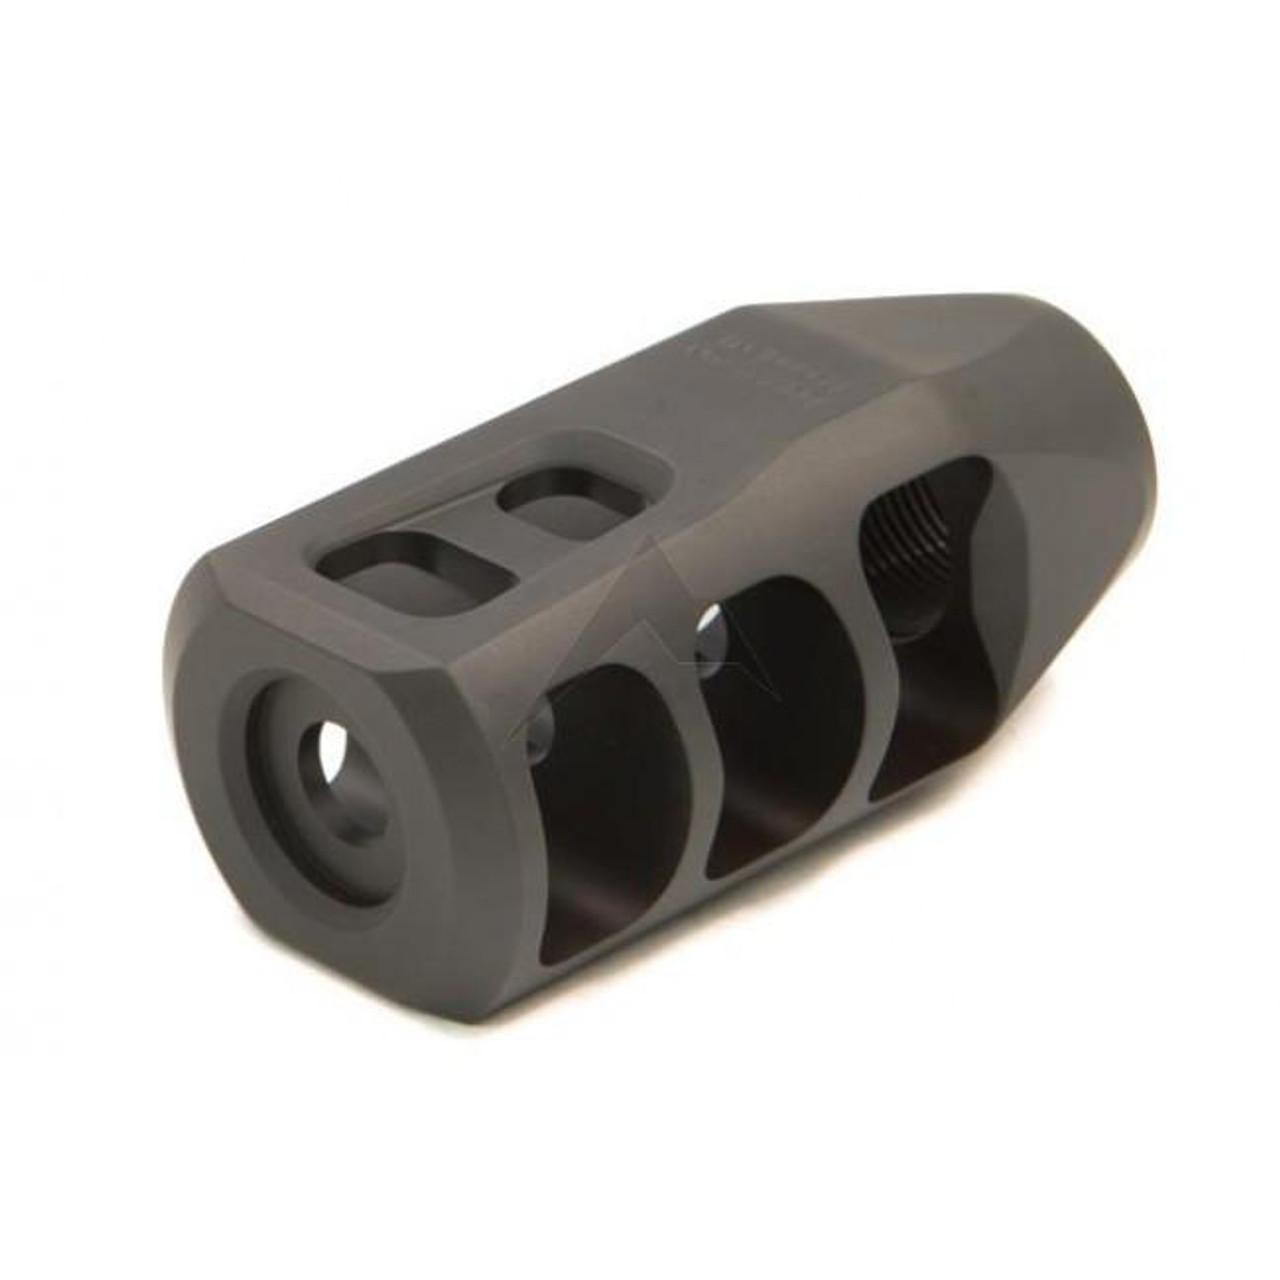 Precision Armament - M11 Severe Duty Muzzle Brake 7.62/308